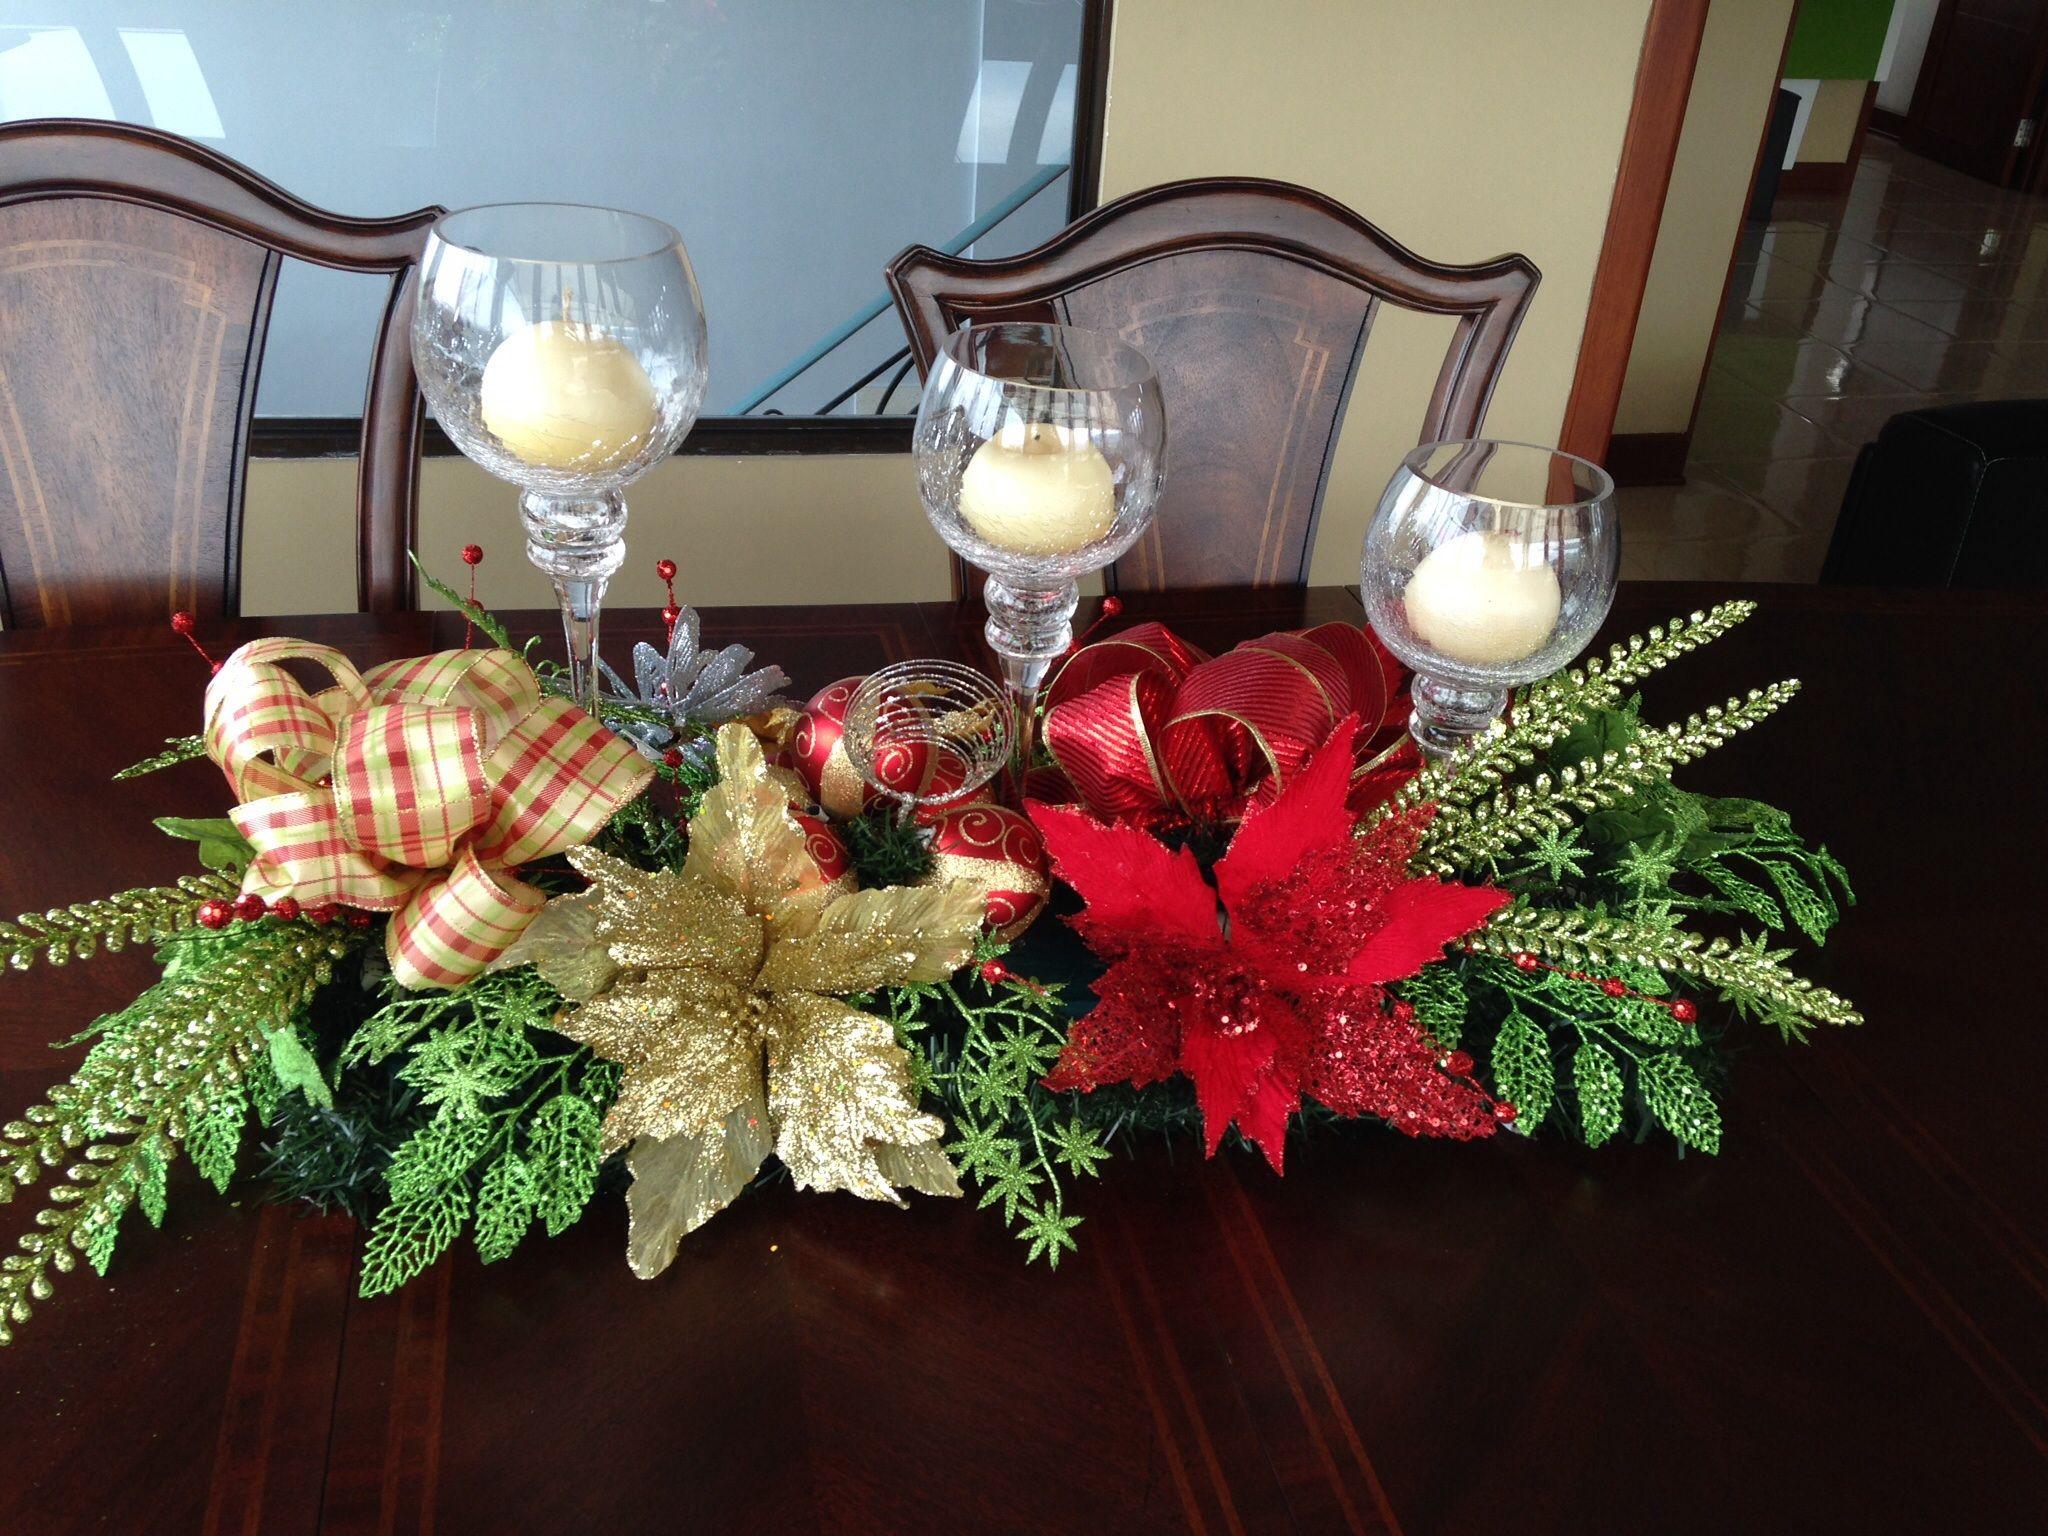 Centro mesa comedor adornos navide os 2014 pinterest - Adornos de mesa navidenos ...